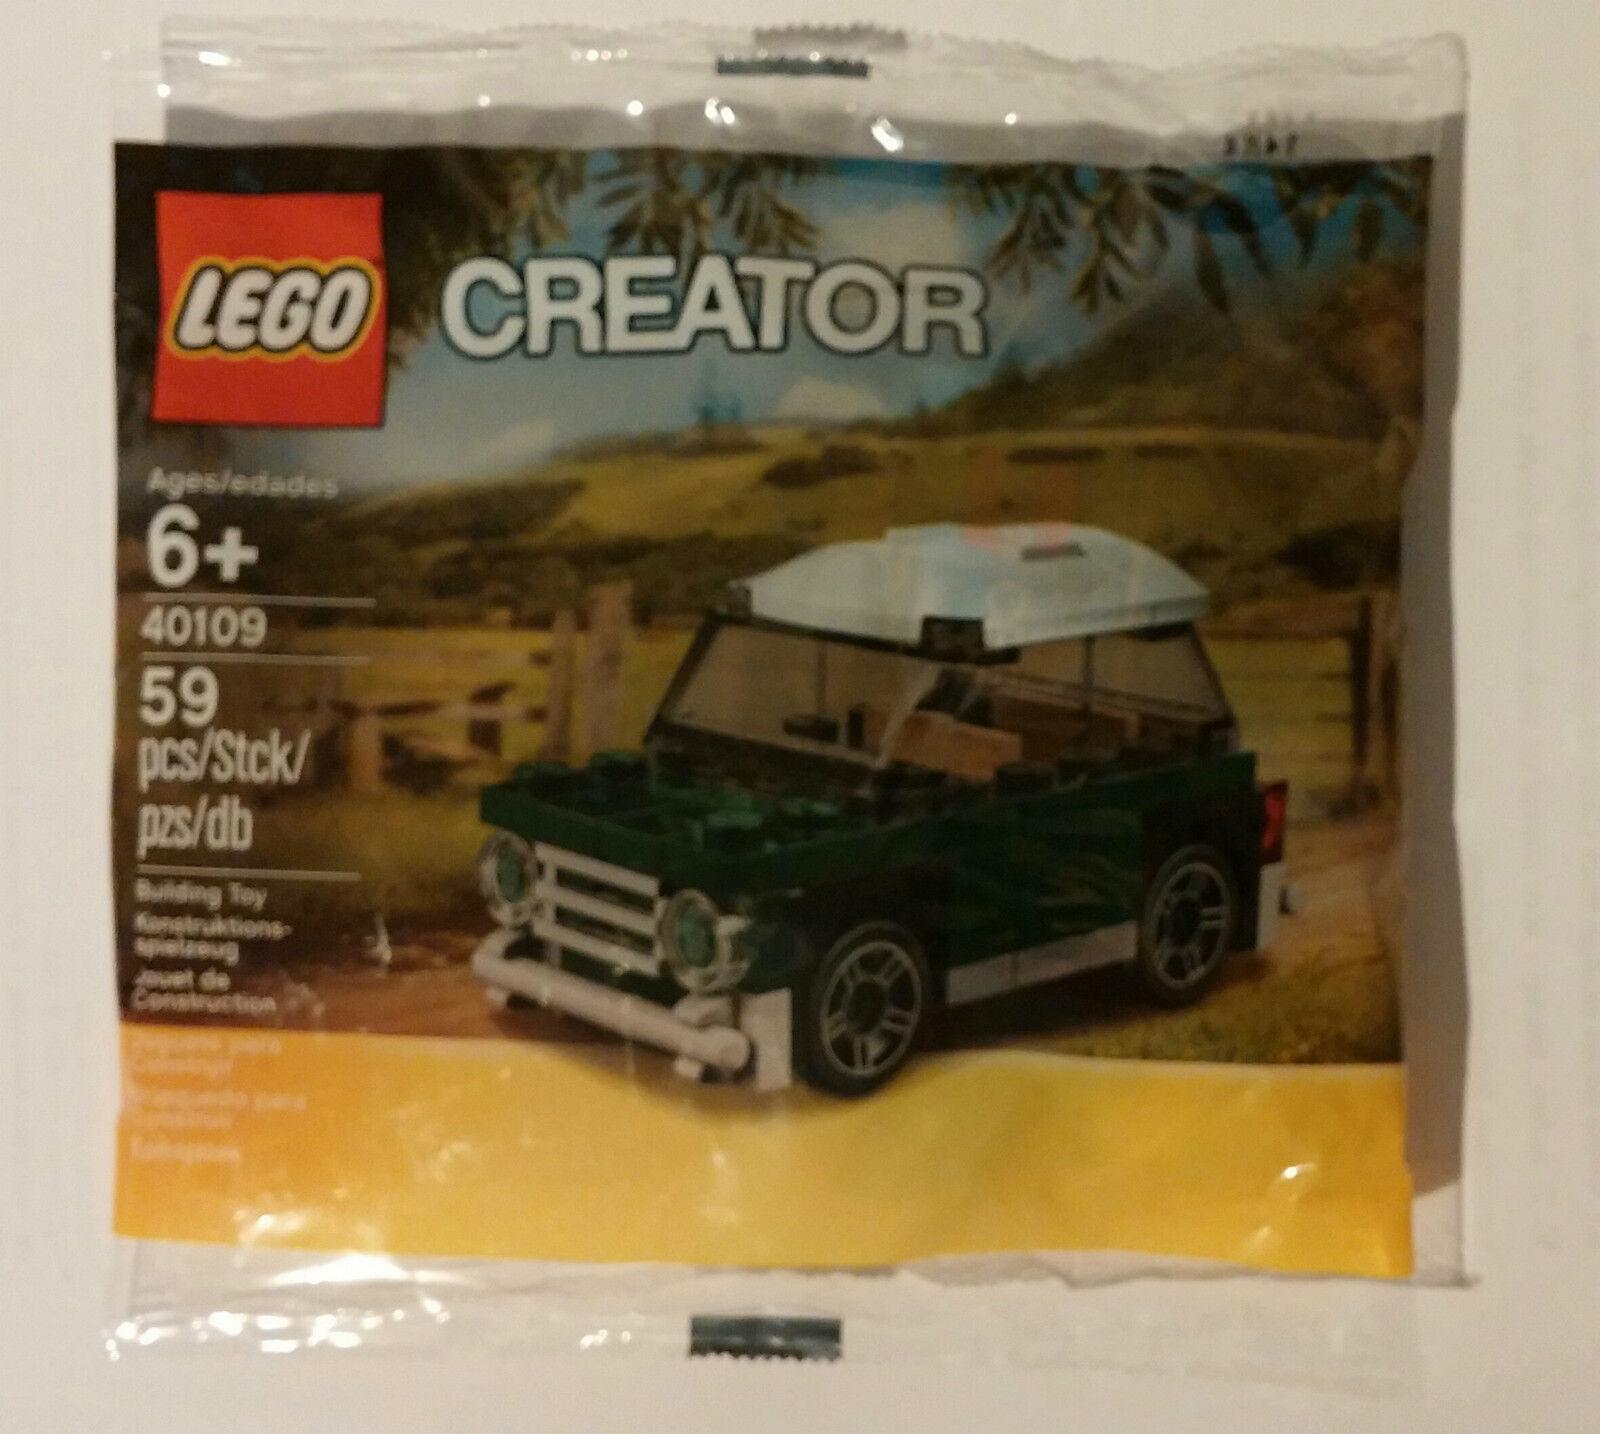 Lego ® Creator 40109 Mini Cooper mini-modelo Exclusive, nuevo & & & OVP polybag 2e7696